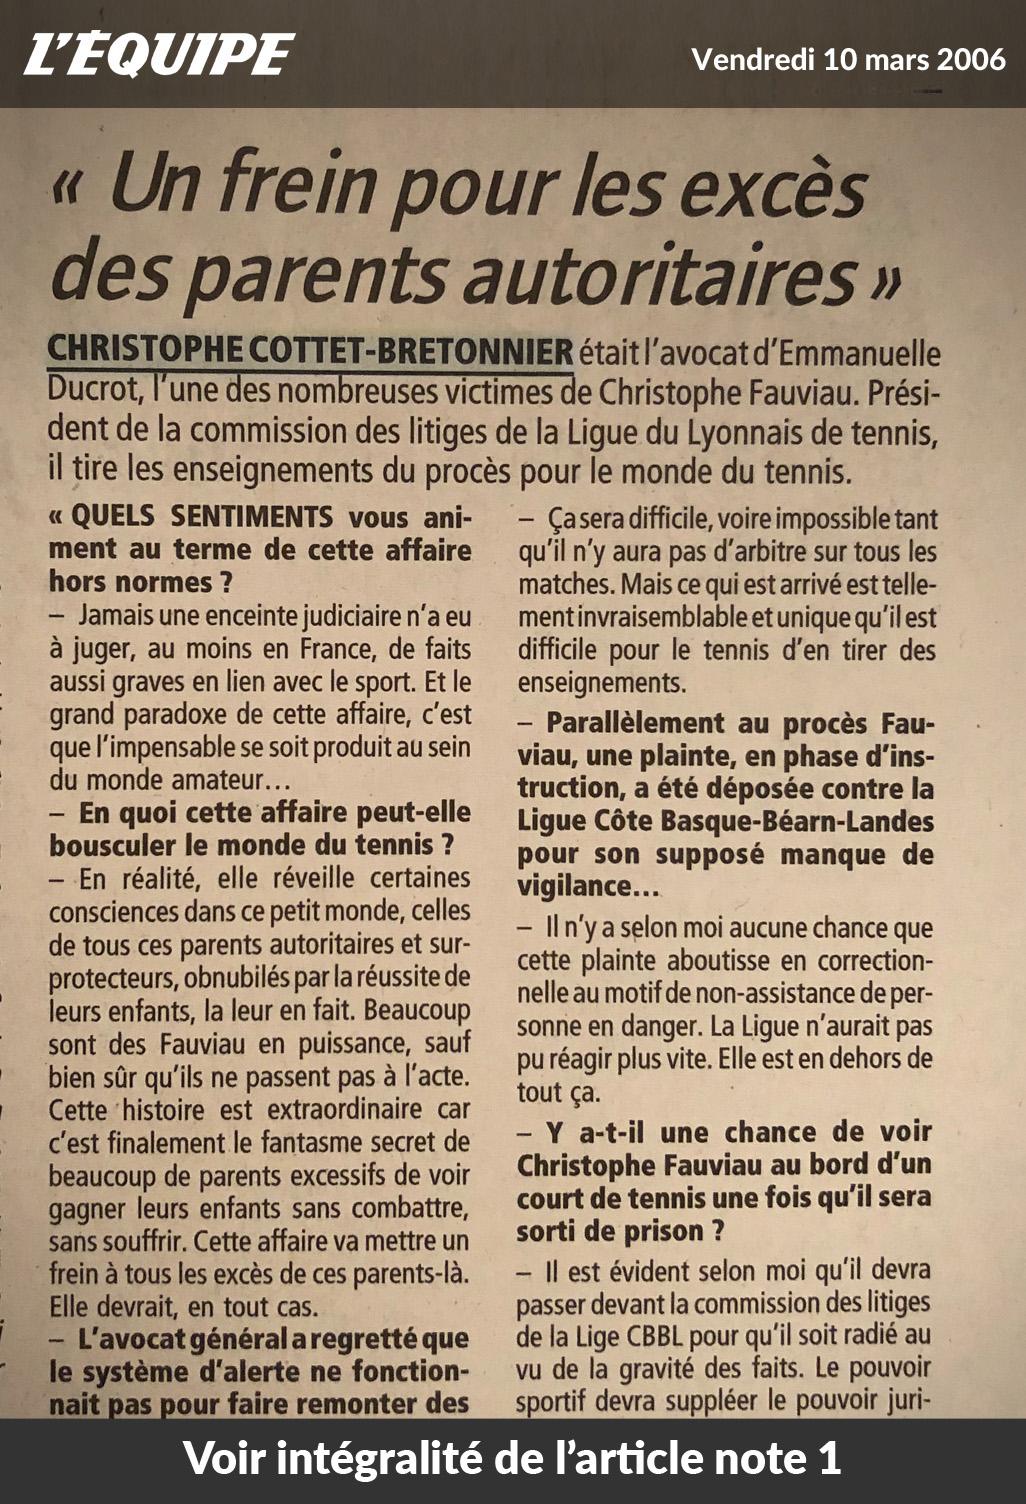 Christophe Cottet-Bretonnier - Affaire Fauviau